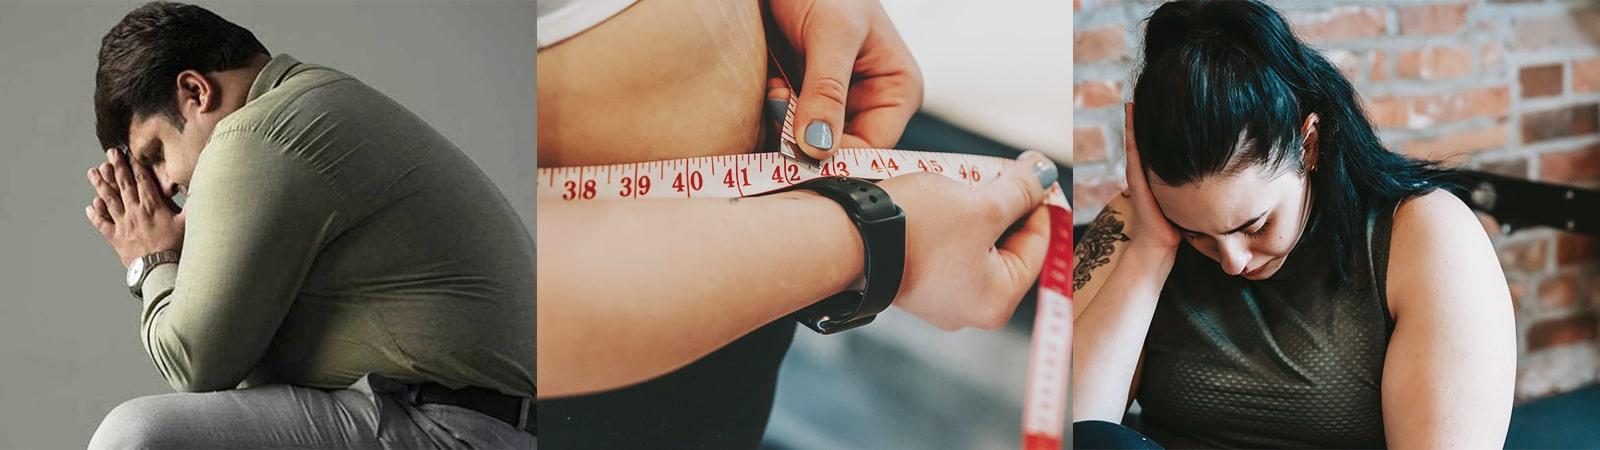 Tratamiento contra la obesidad manantiales